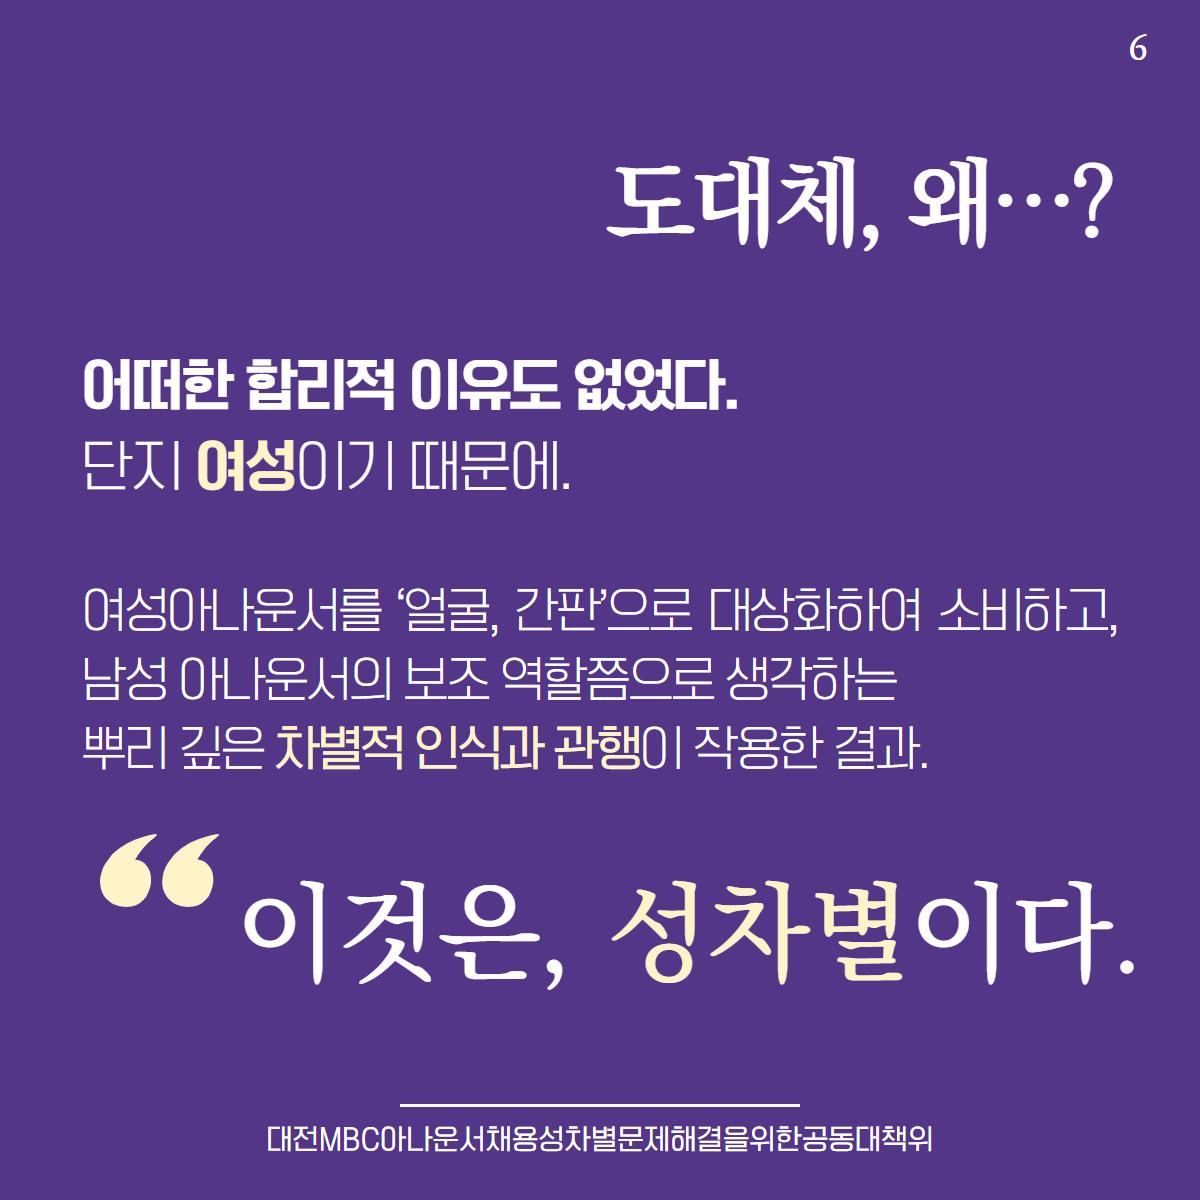 대전MBC_인권위결정1-6.png